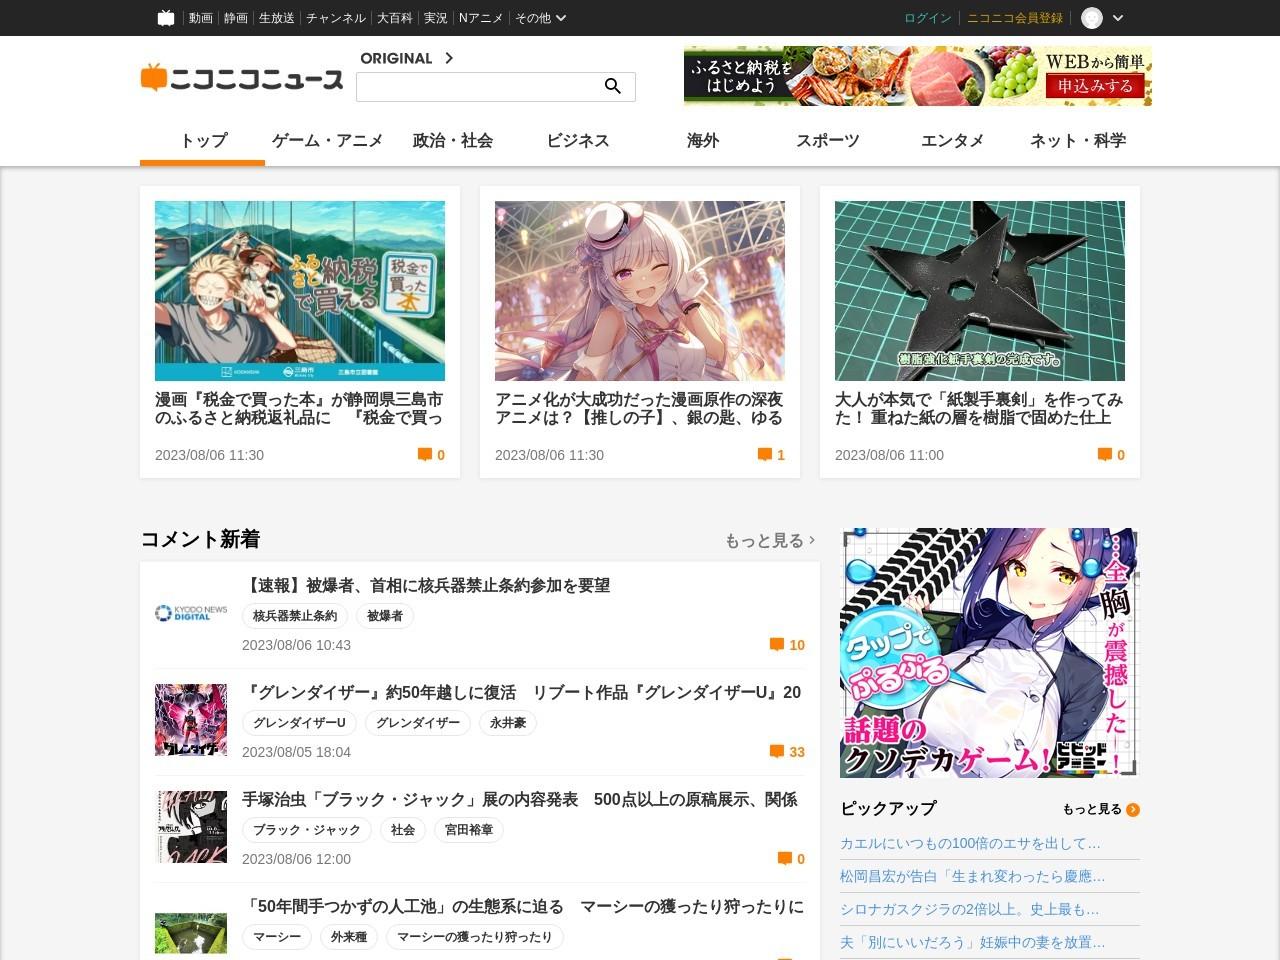 「日本が3万点余りの中国侵略時の写真を公開」と中国メディア、微博ランキングでも上位に